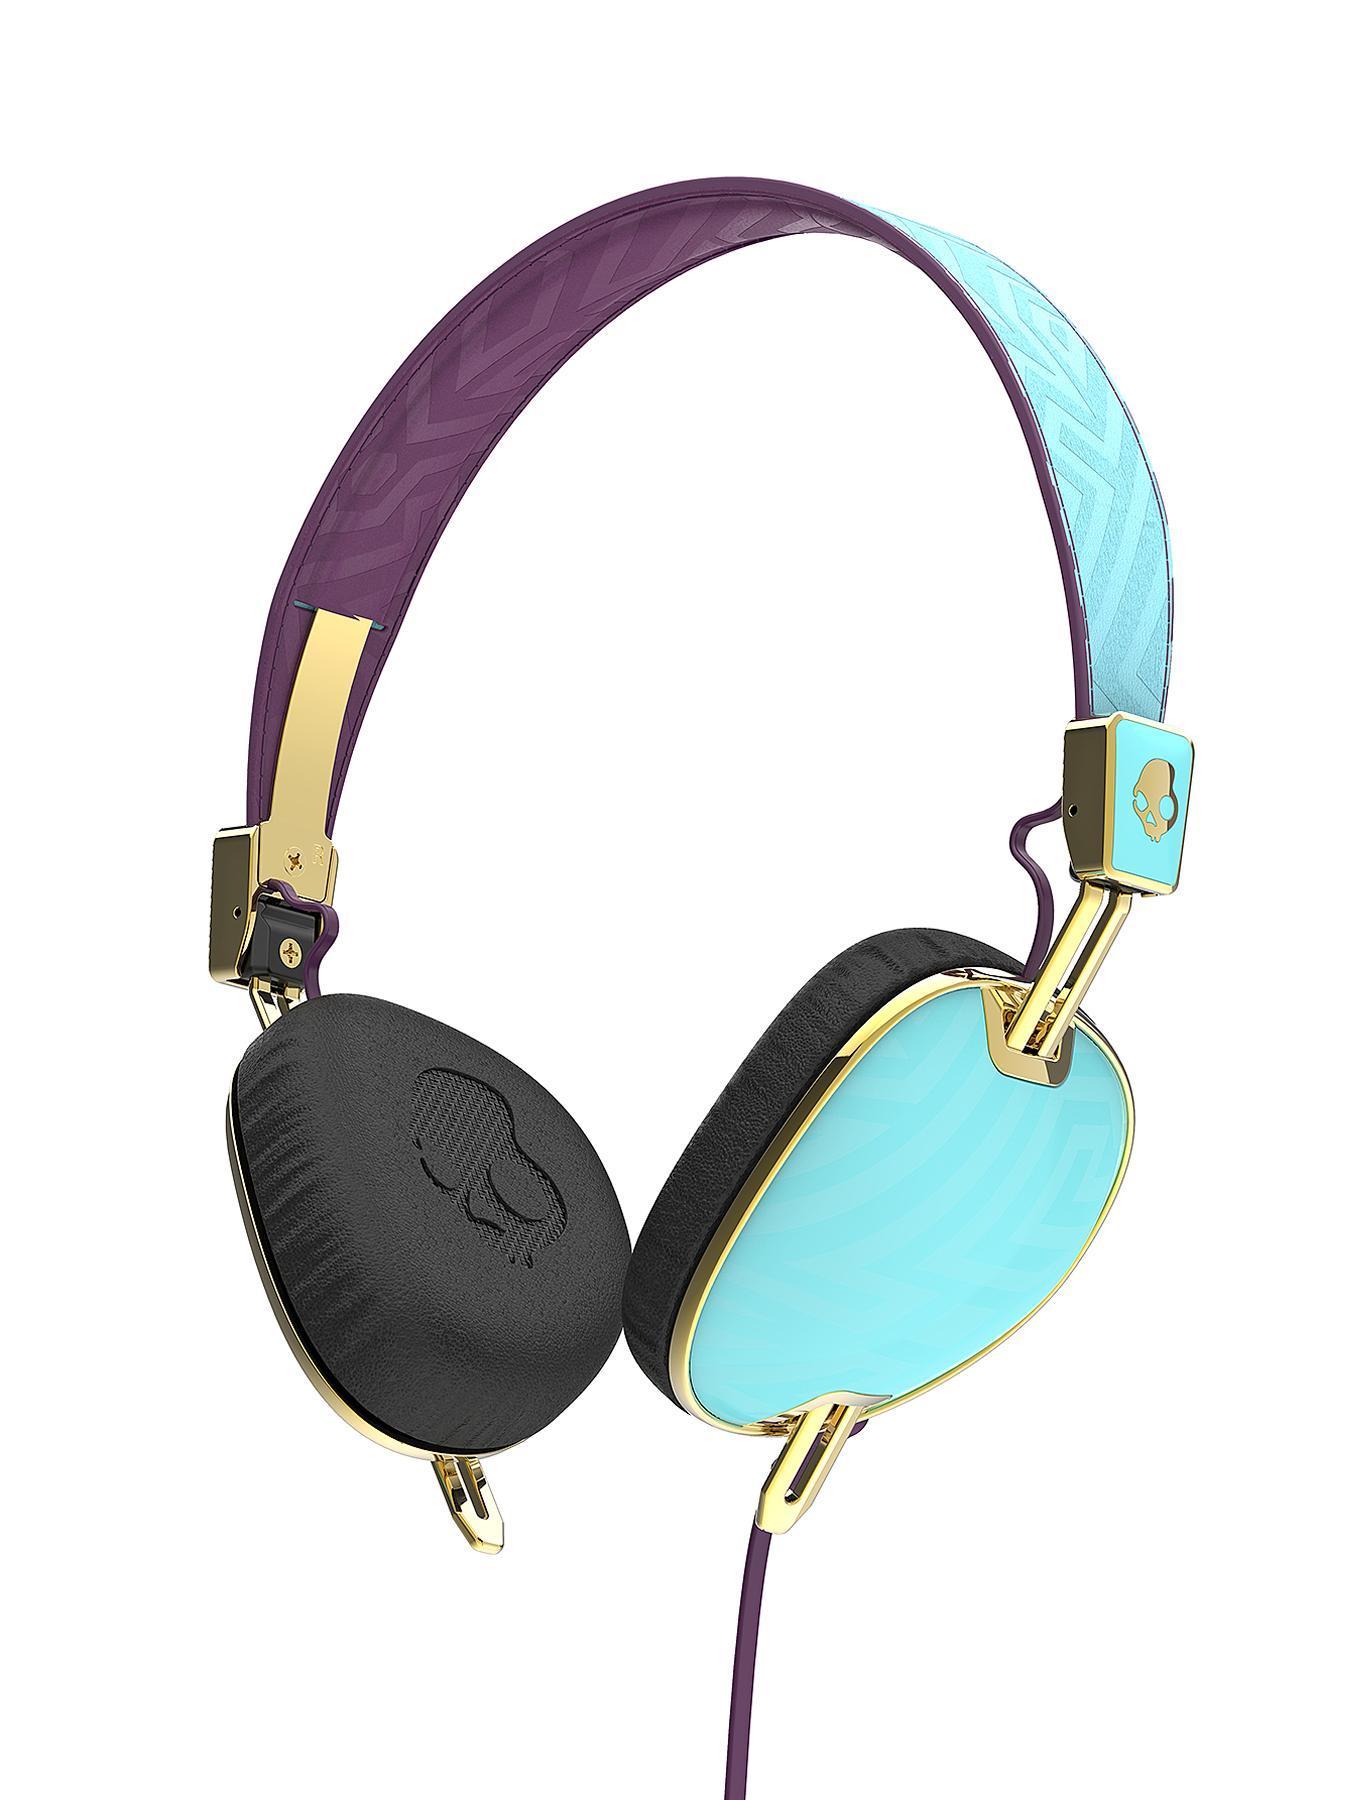 Skullcandy Knockout S5AVGM-396 Over-Ear Headphones - Robin